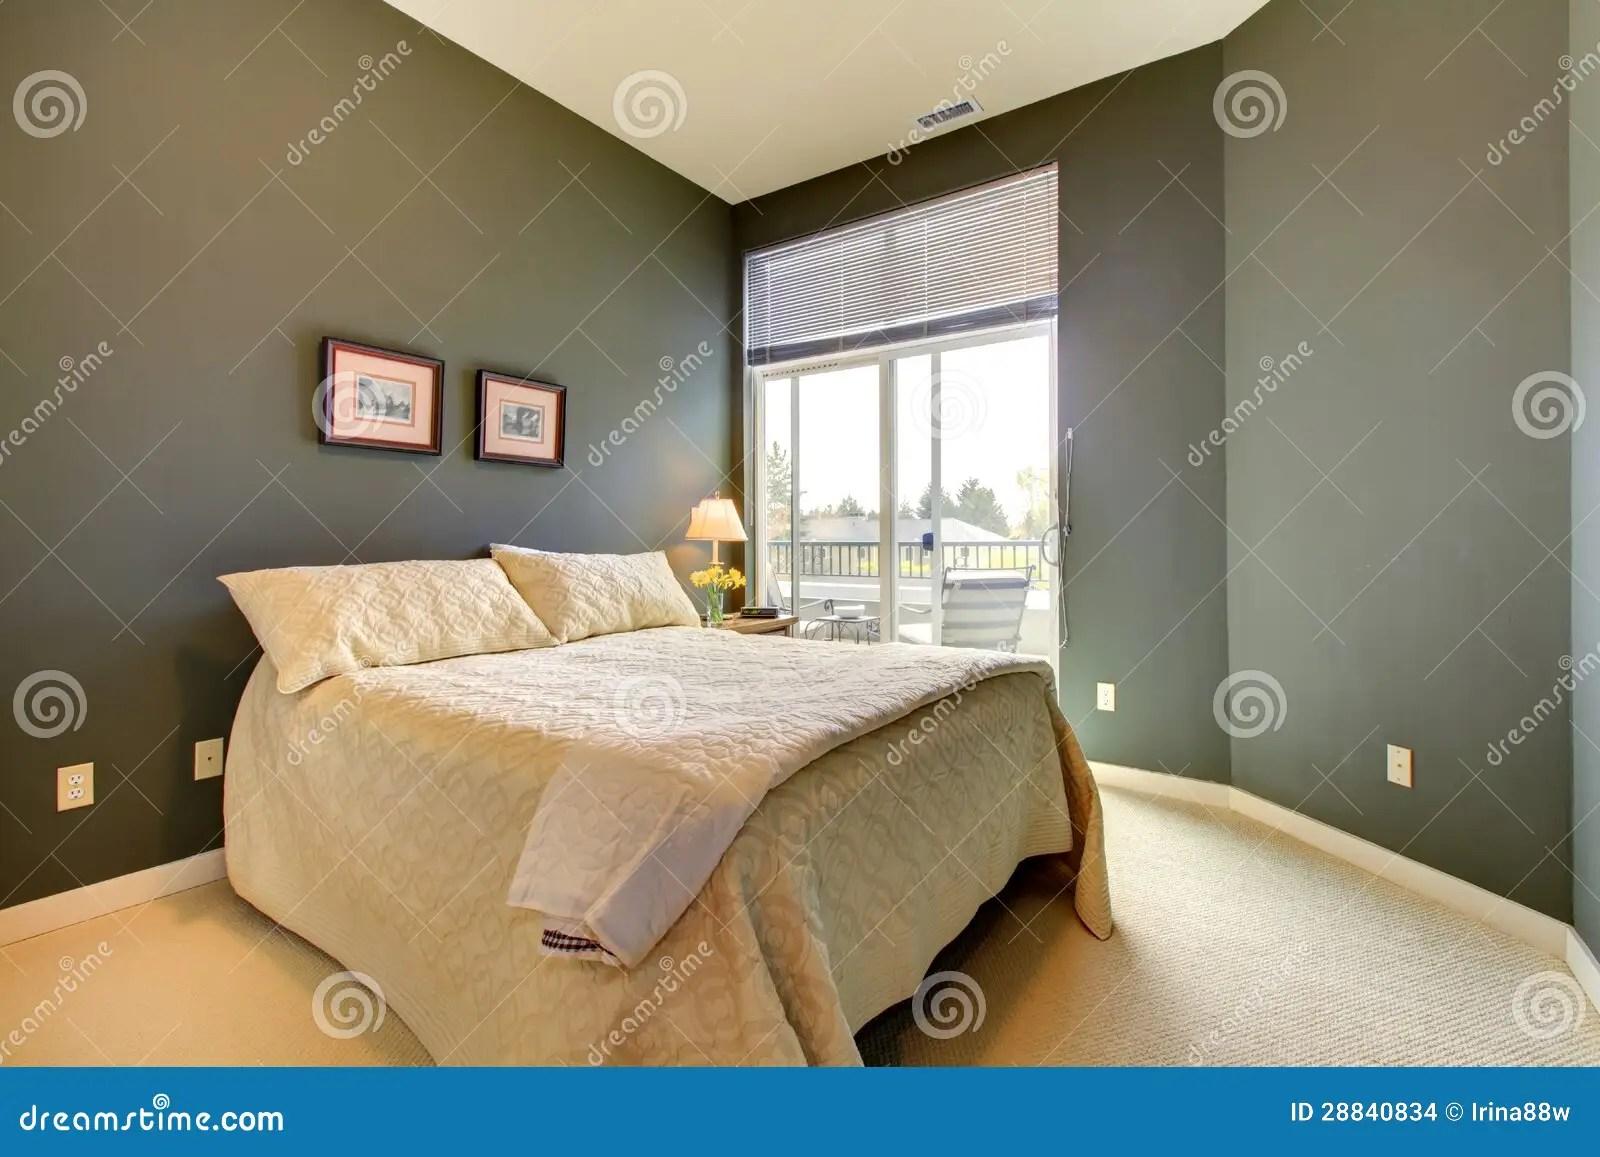 Sovrummet Med Gra Farg Gorar Gron Vaggar Och Vitsangklader Arkivfoto Bild Av Amerikansk 28840834